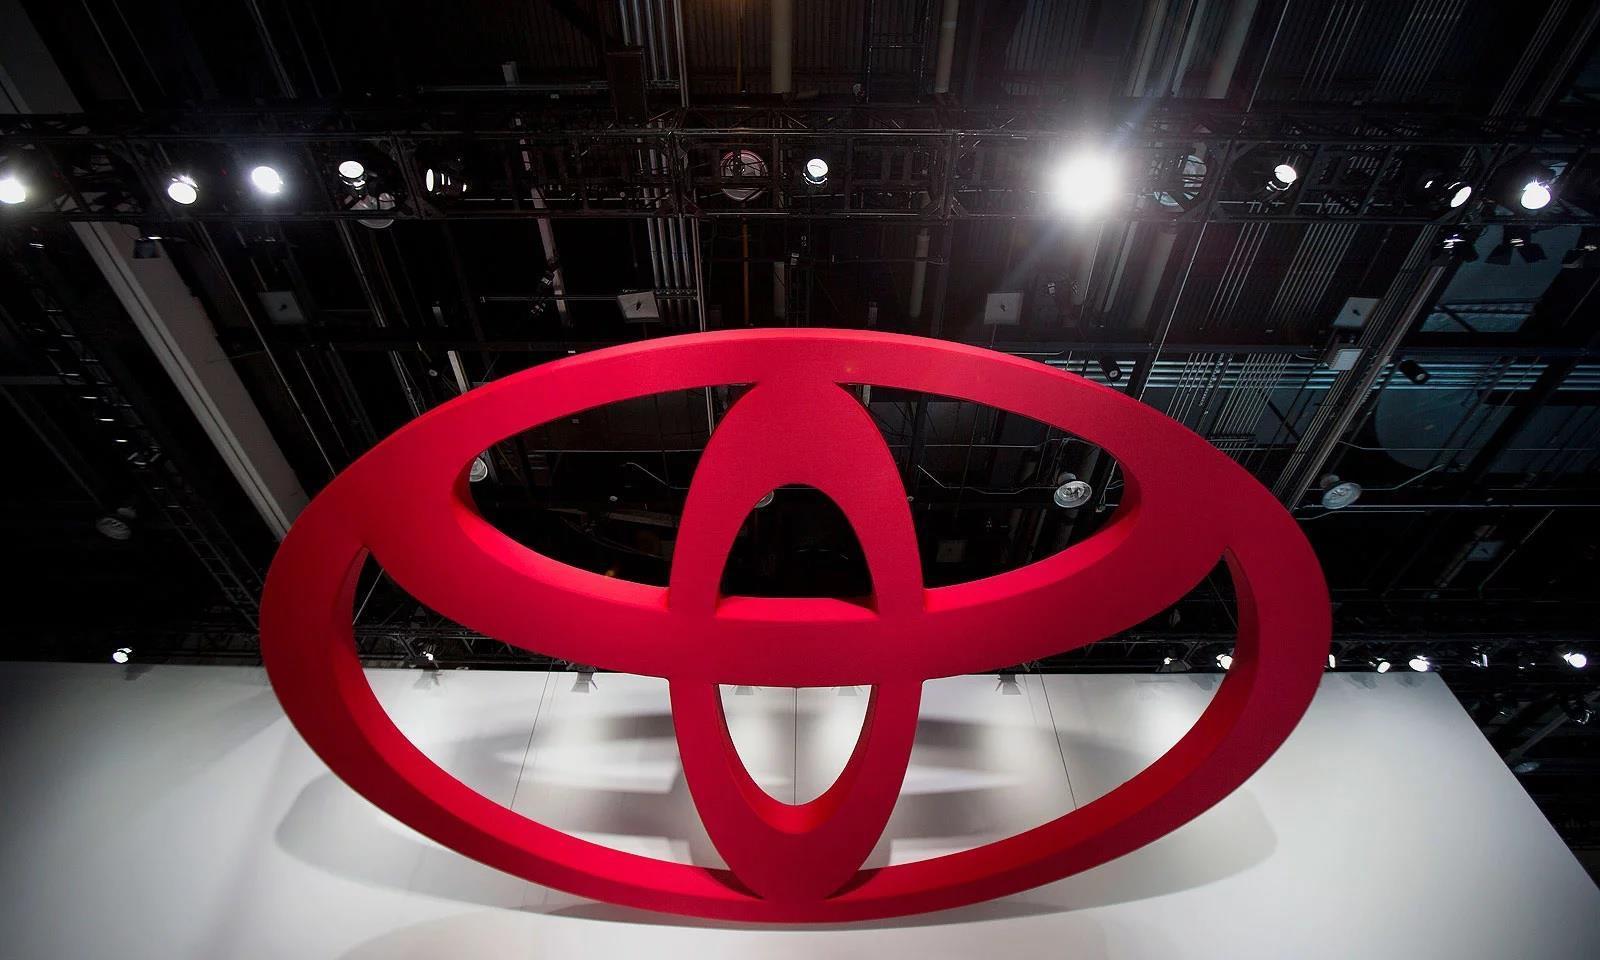 Toyota là thương hiệu ôtô giá trị nhất, Volkswagen tăng nhanh nhất Ảnh 1